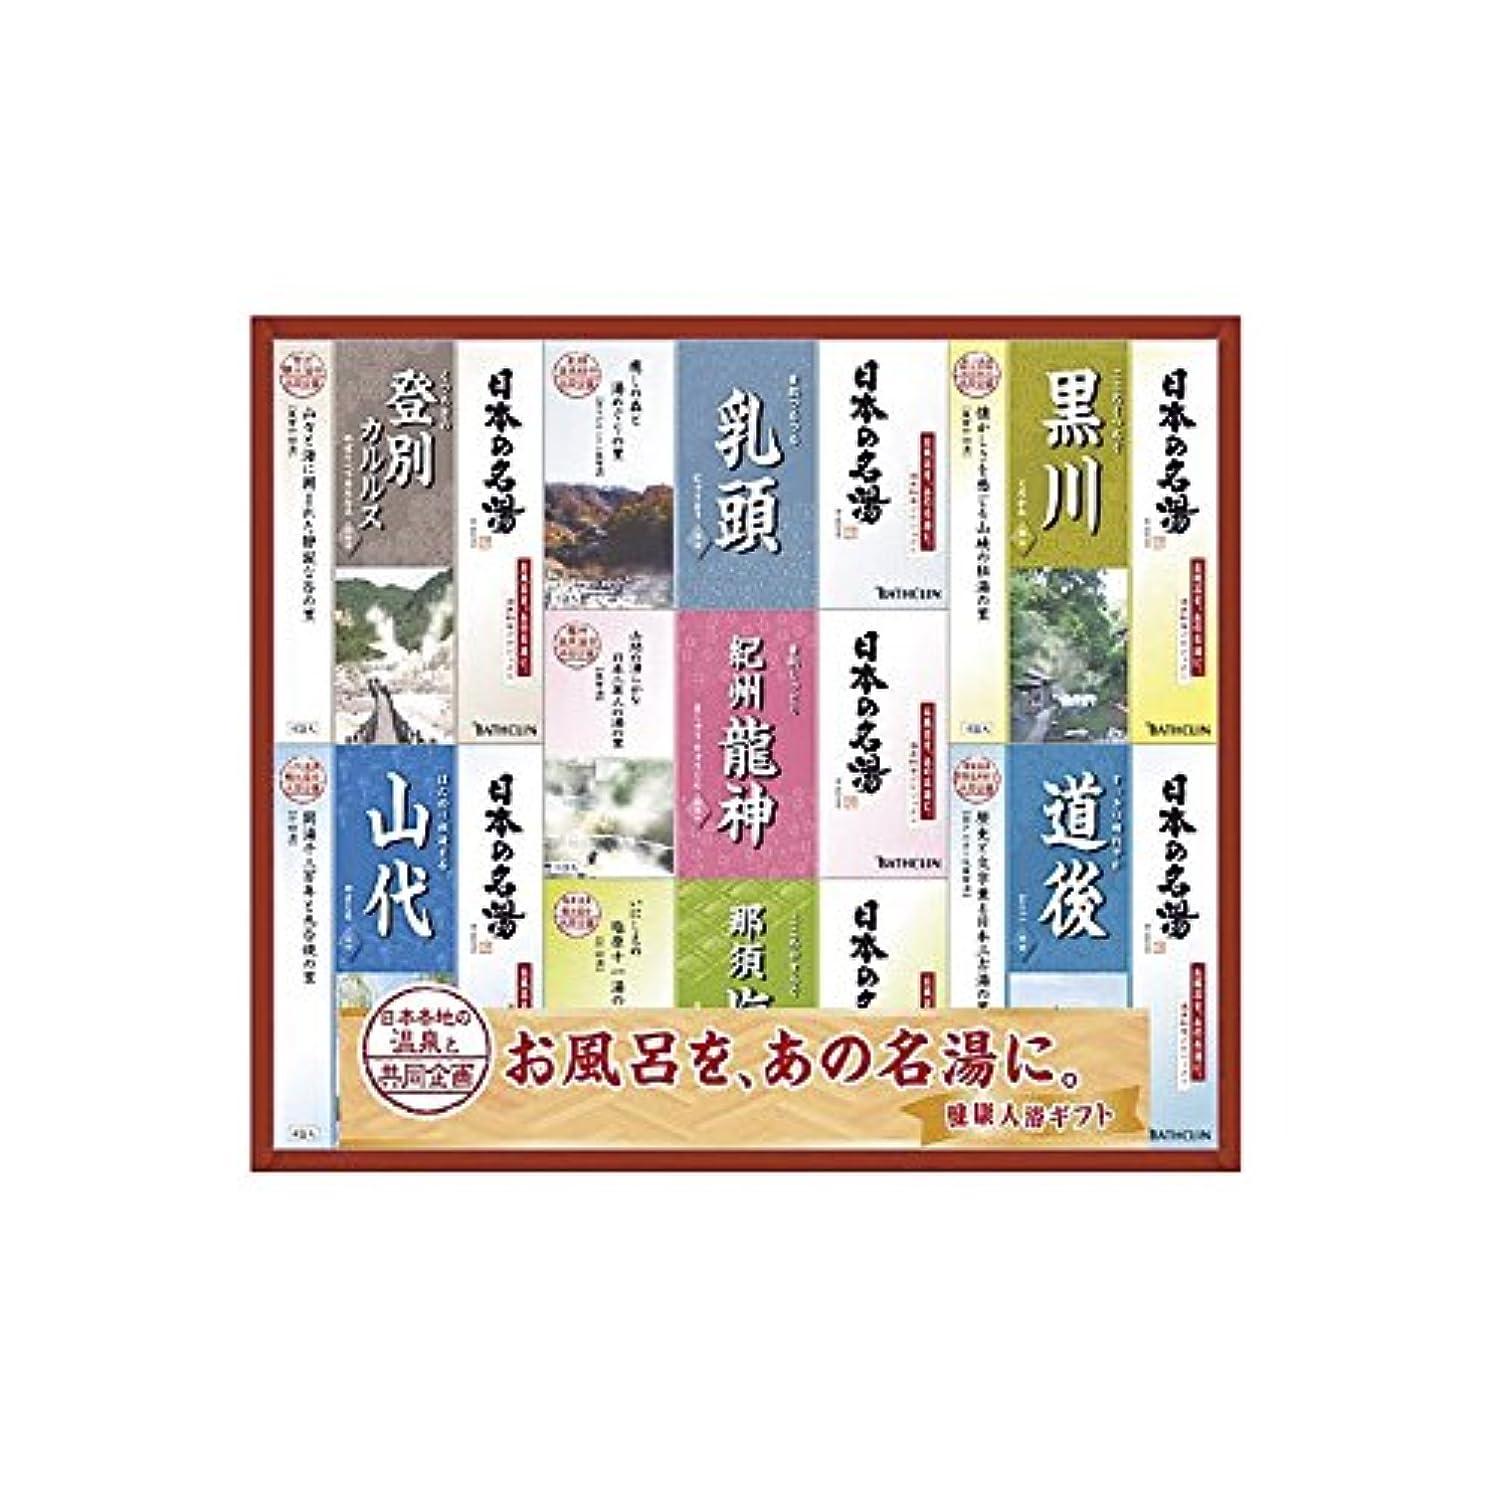 チャンピオン苦行ミケランジェロバスクリン 日本の名湯 ギフトセット 【保湿 ギフト 温泉 発汗 セット あったまる いろいろ うるおい うるおう しっとり すべすべ はっかん 極楽 ごくらく ゆったり ばすくりん 2500】